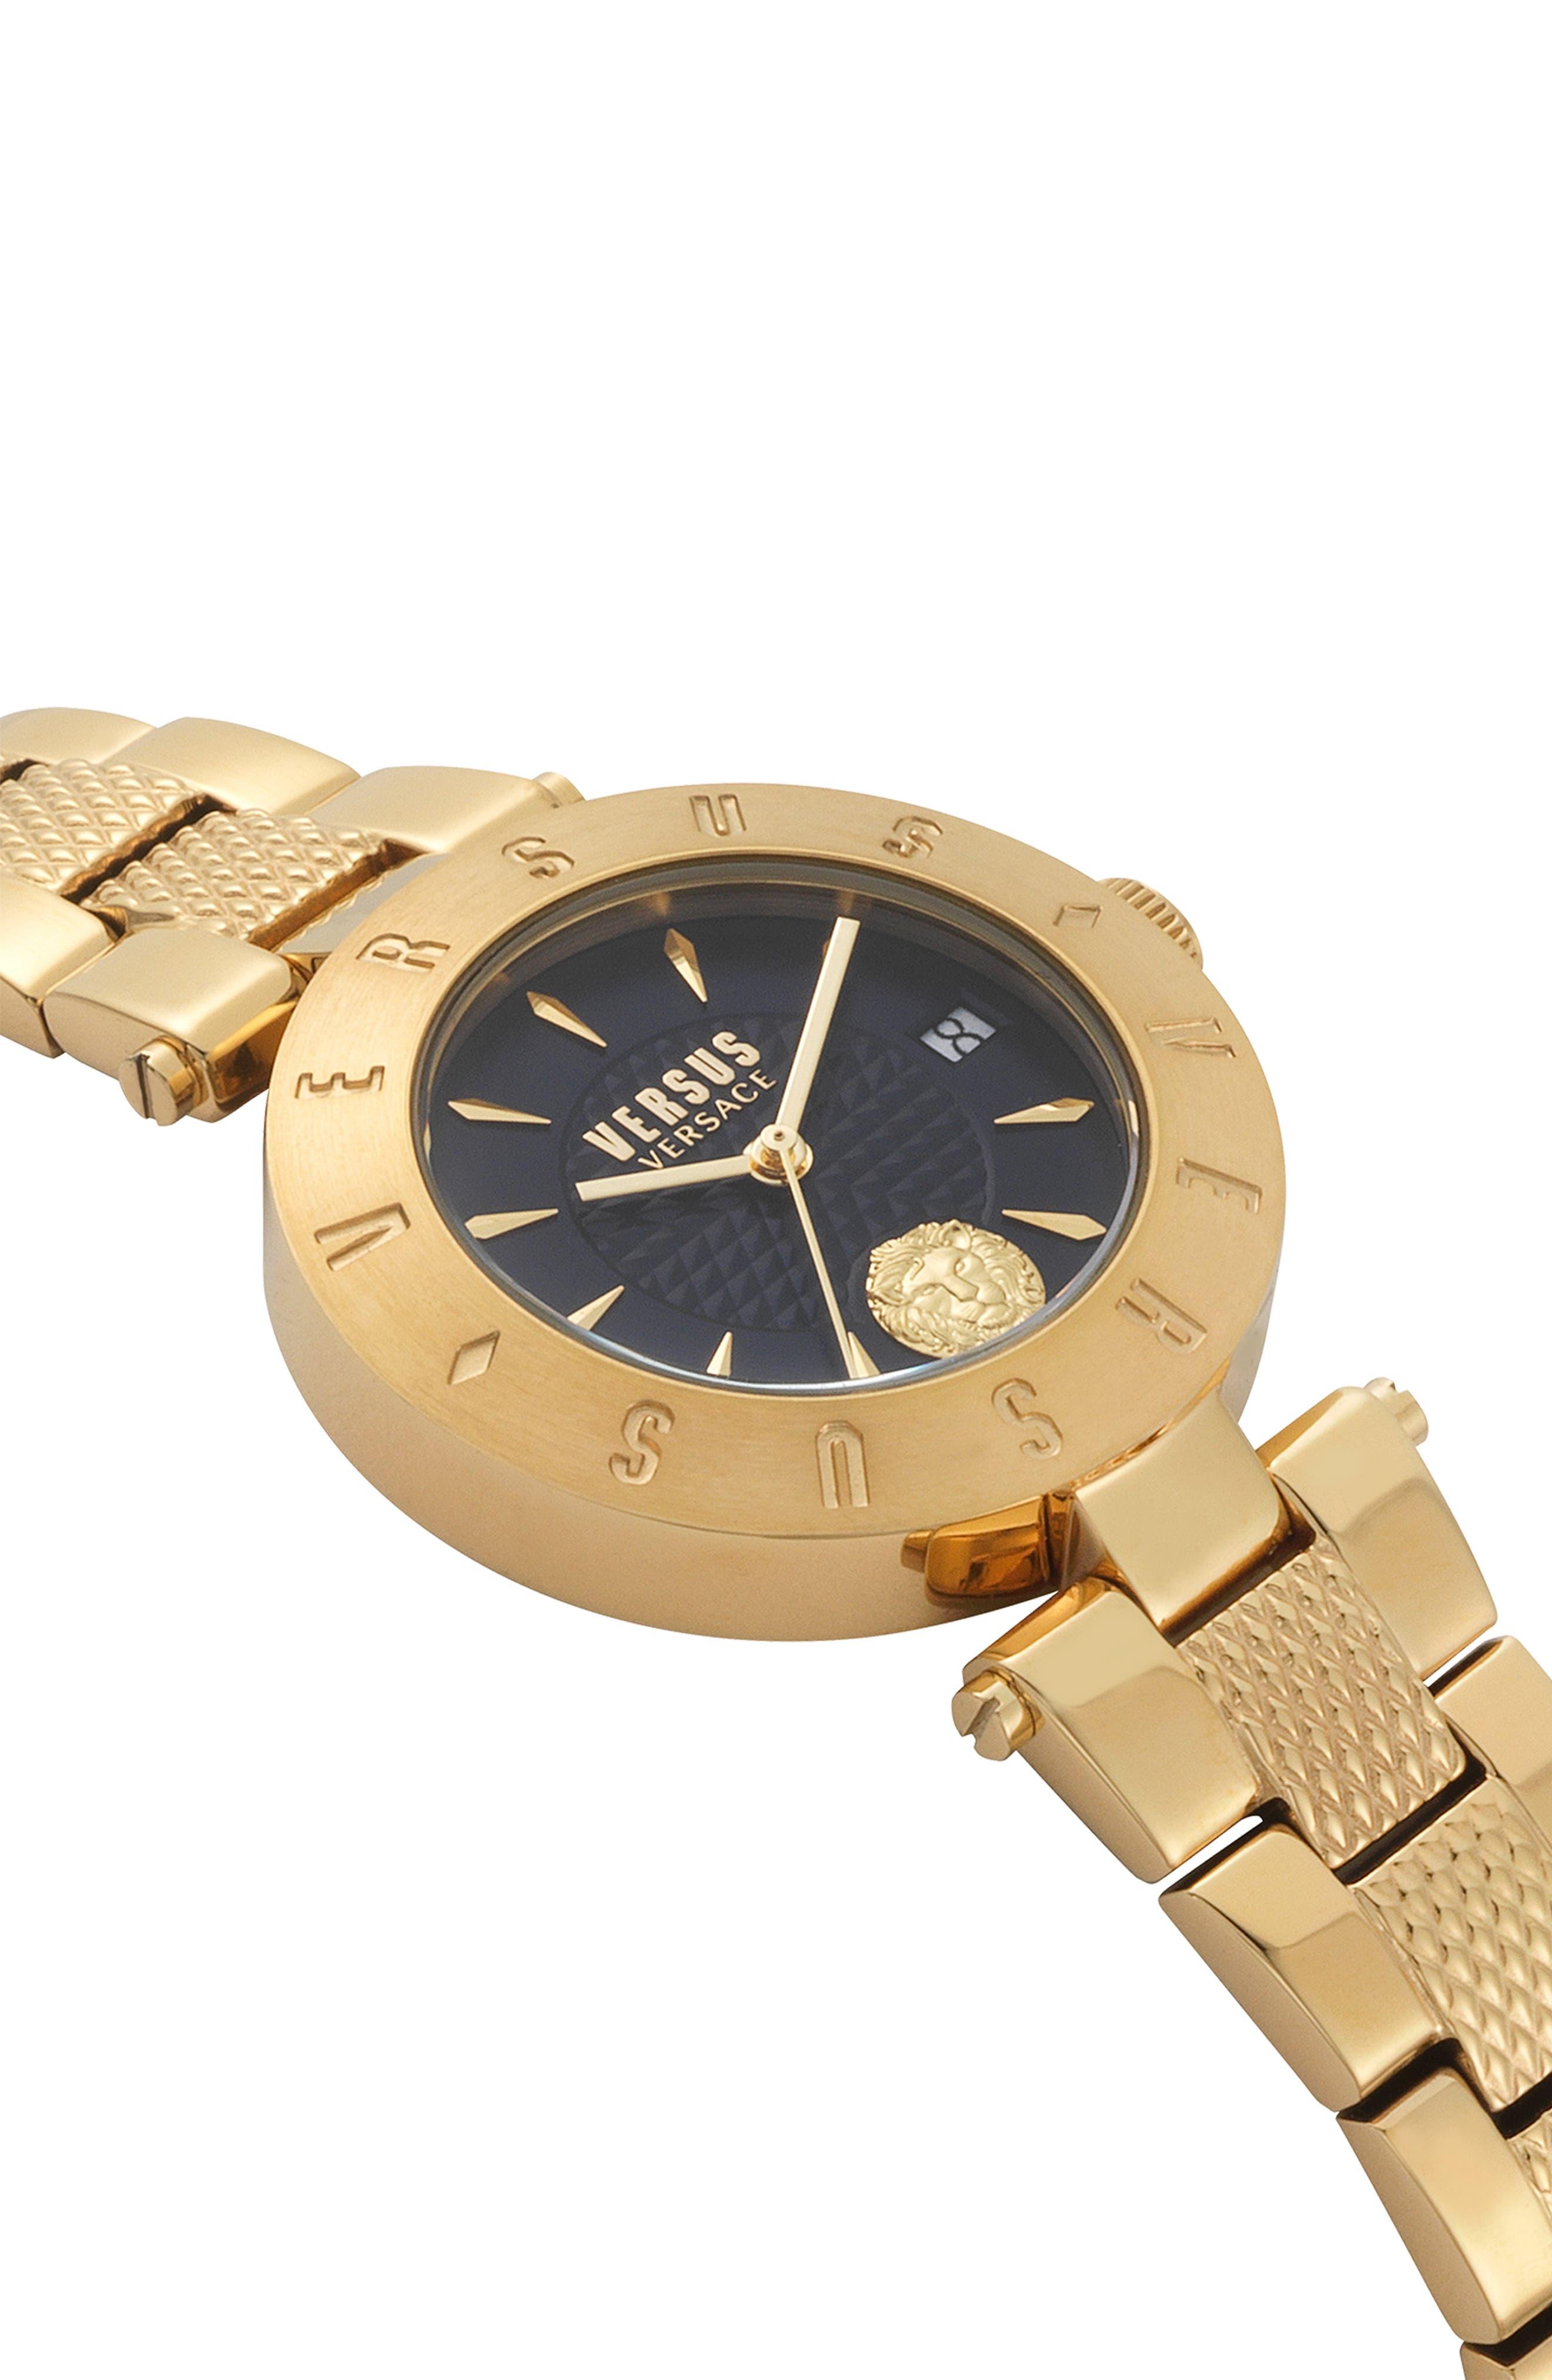 VERSUS VERSACE, Logo Bracelet Watch, 34mm, Alternate thumbnail 3, color, GOLD/ BLUE